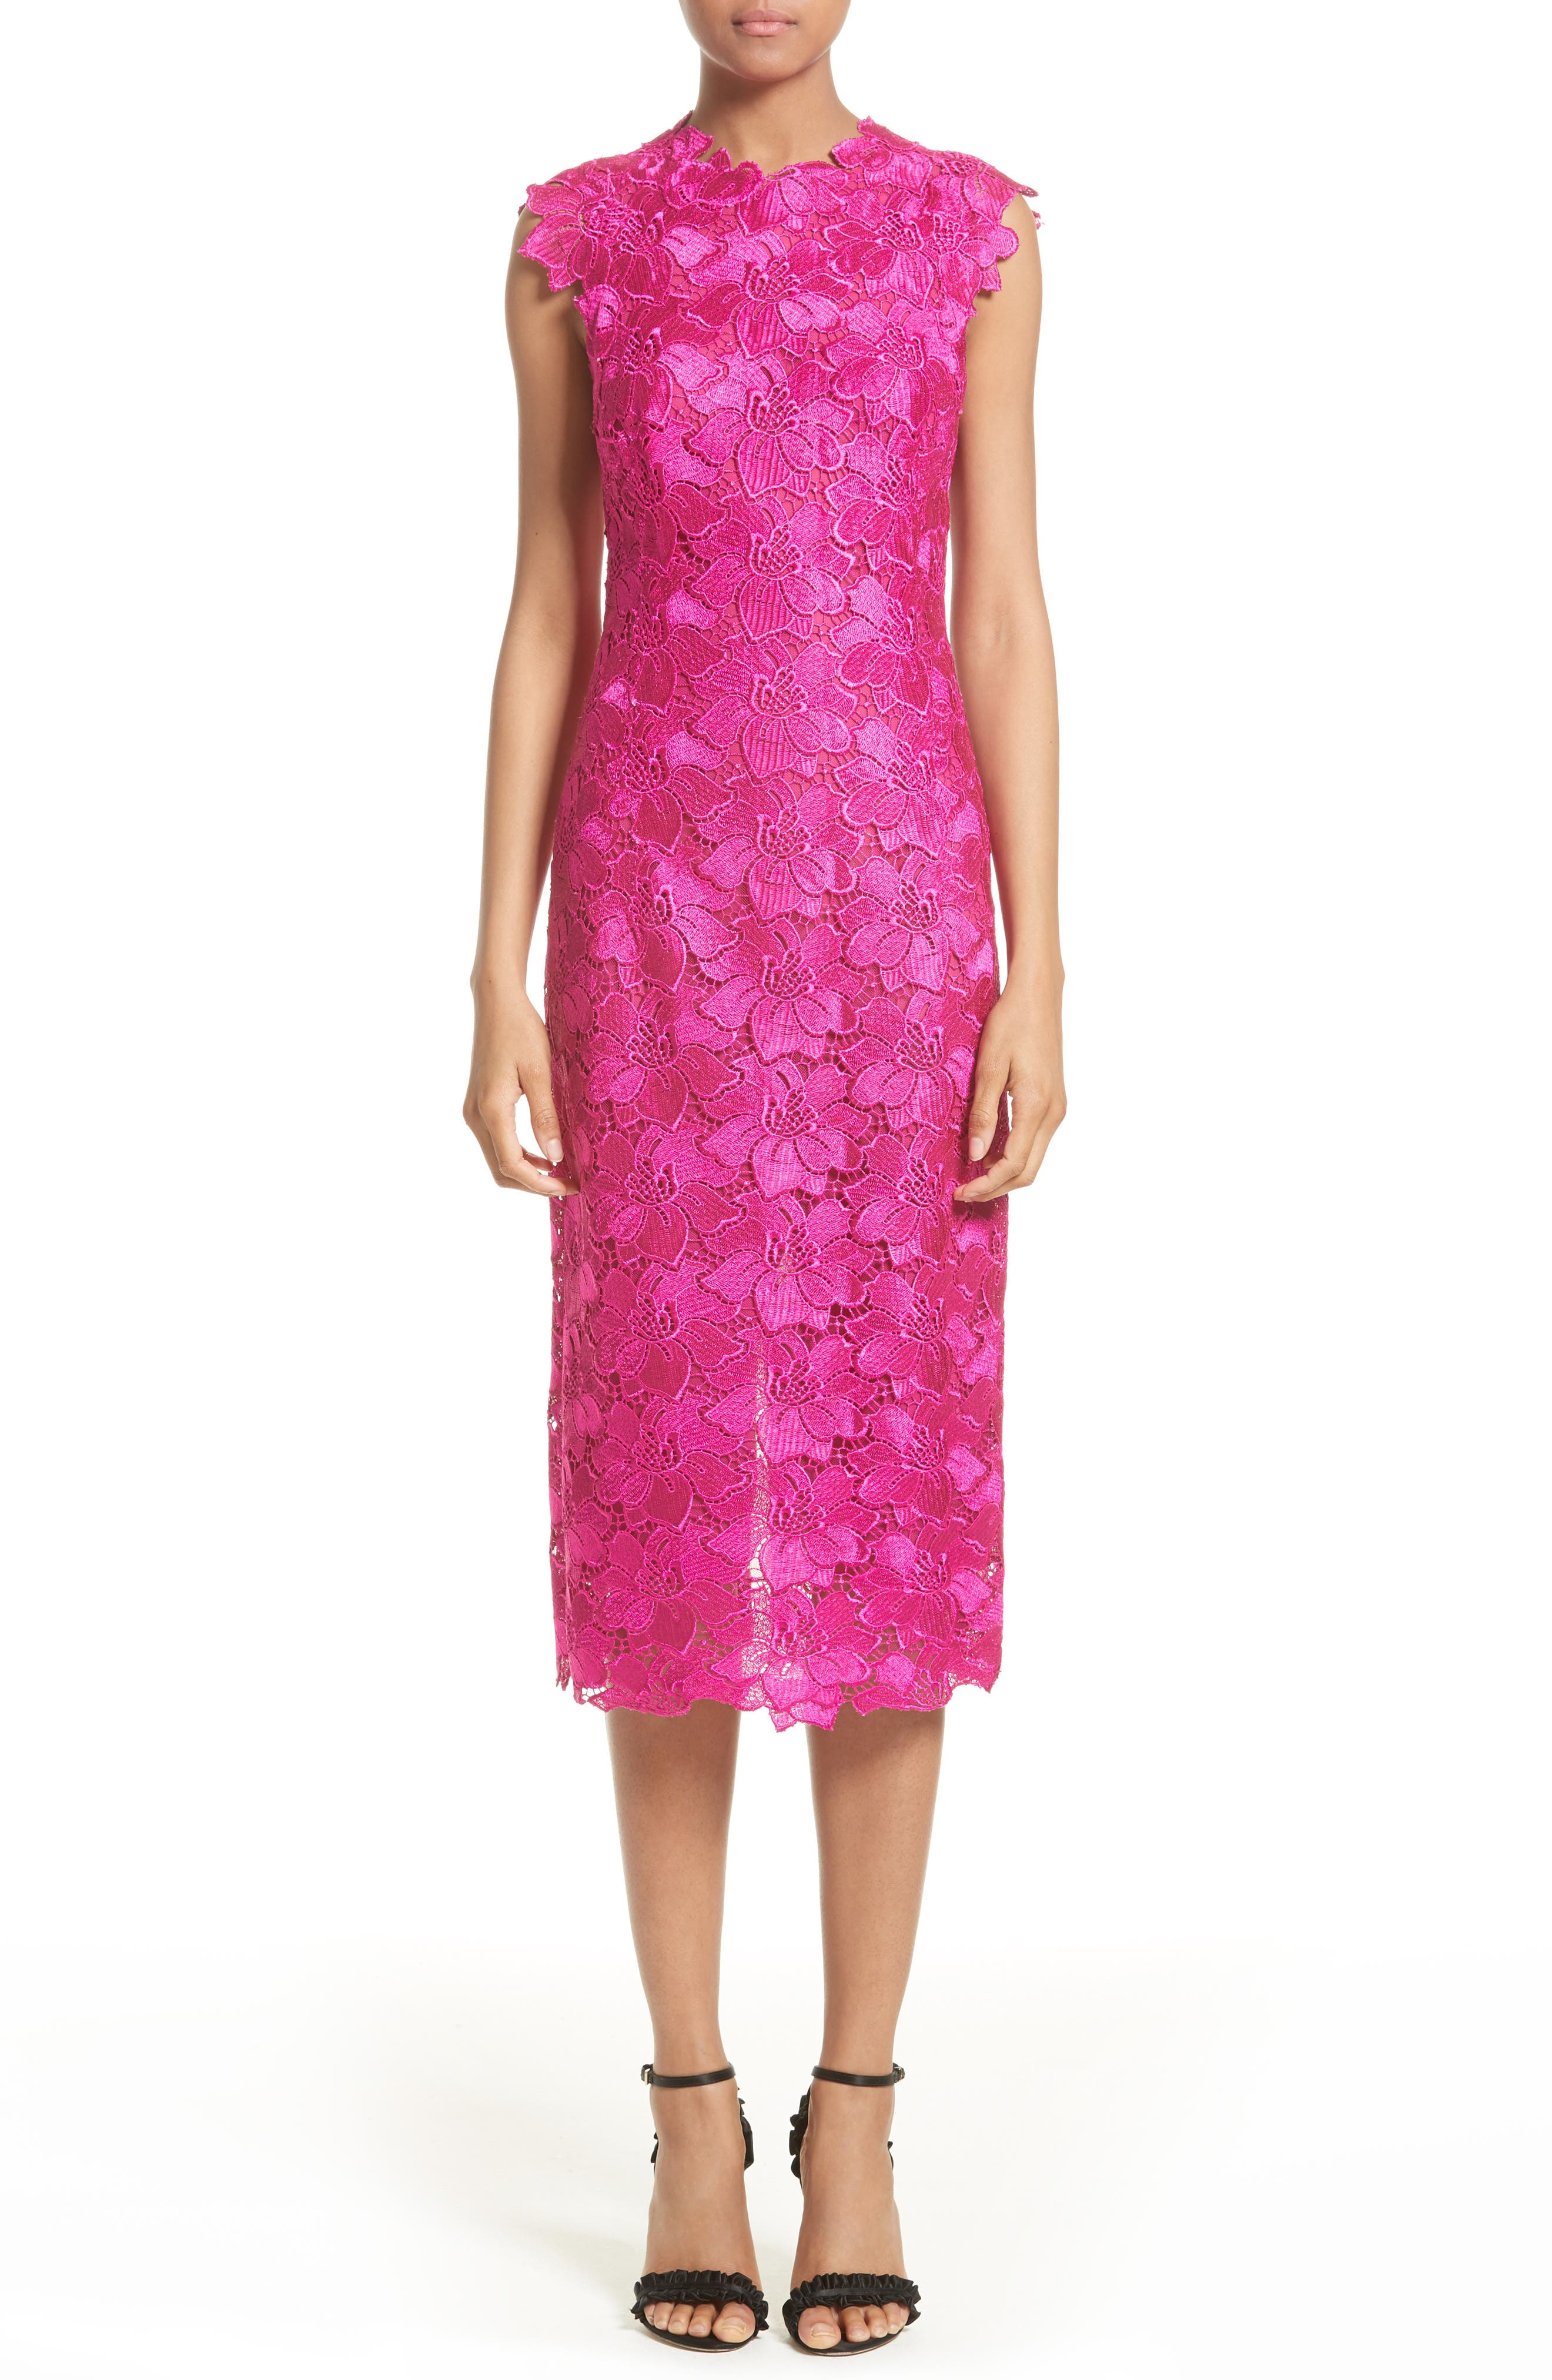 Monique Lhuillier Lace Sheath Dress